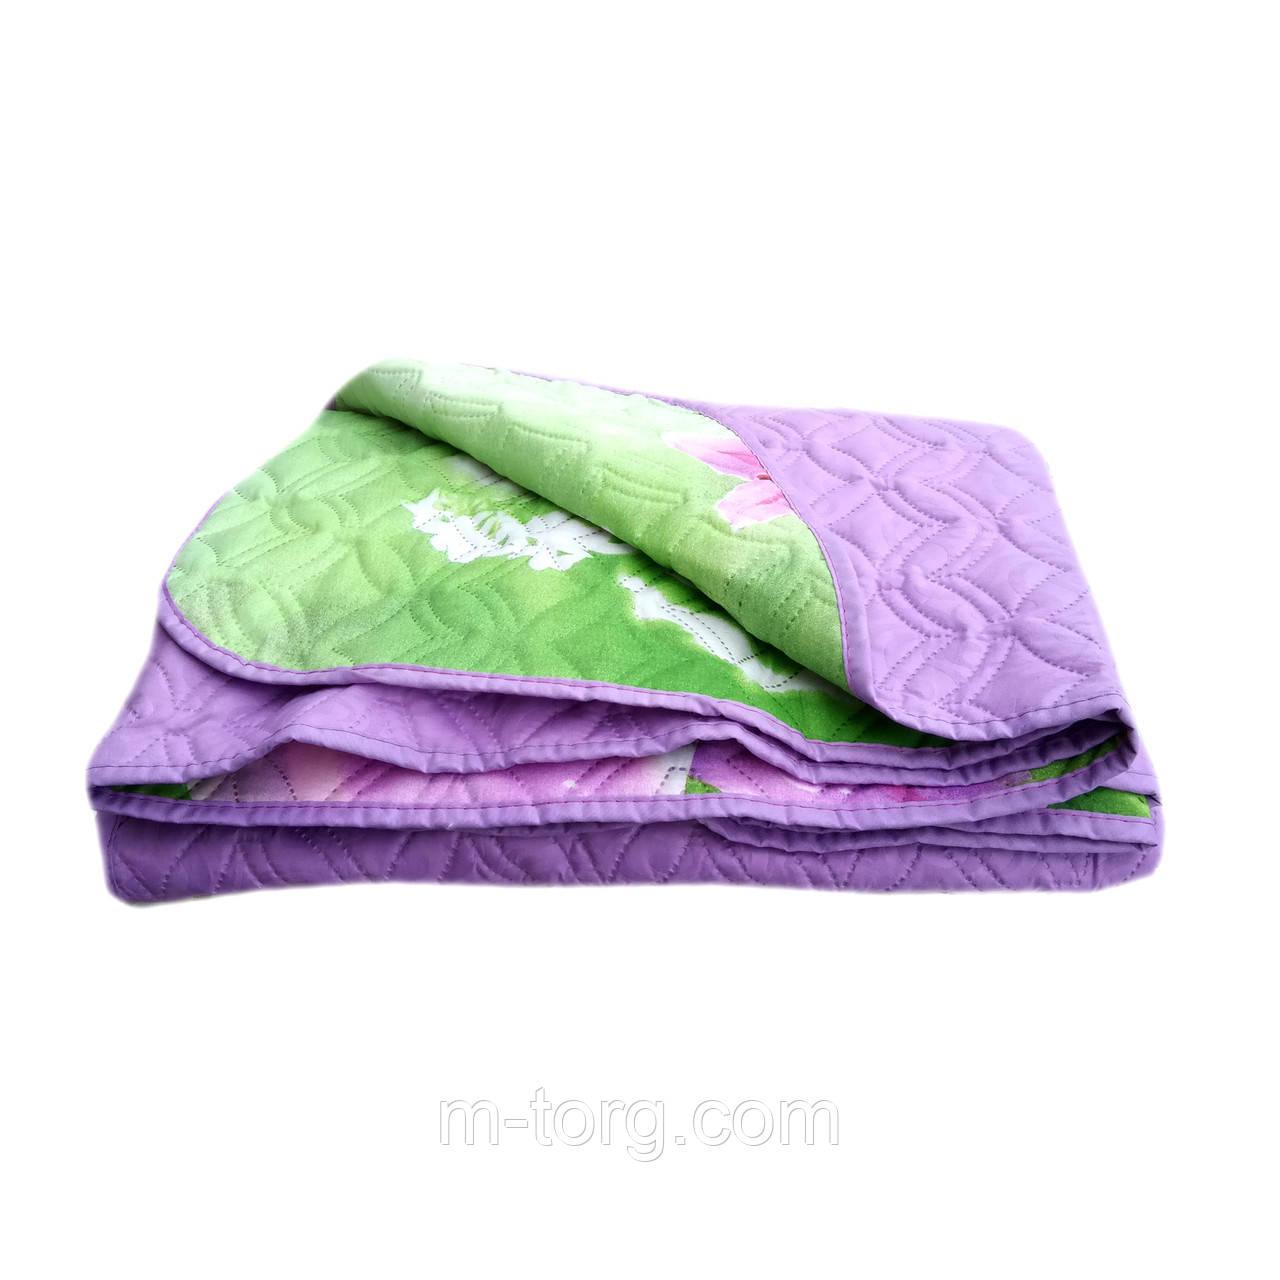 Летнее одеяло покрывало евро размер 200/220